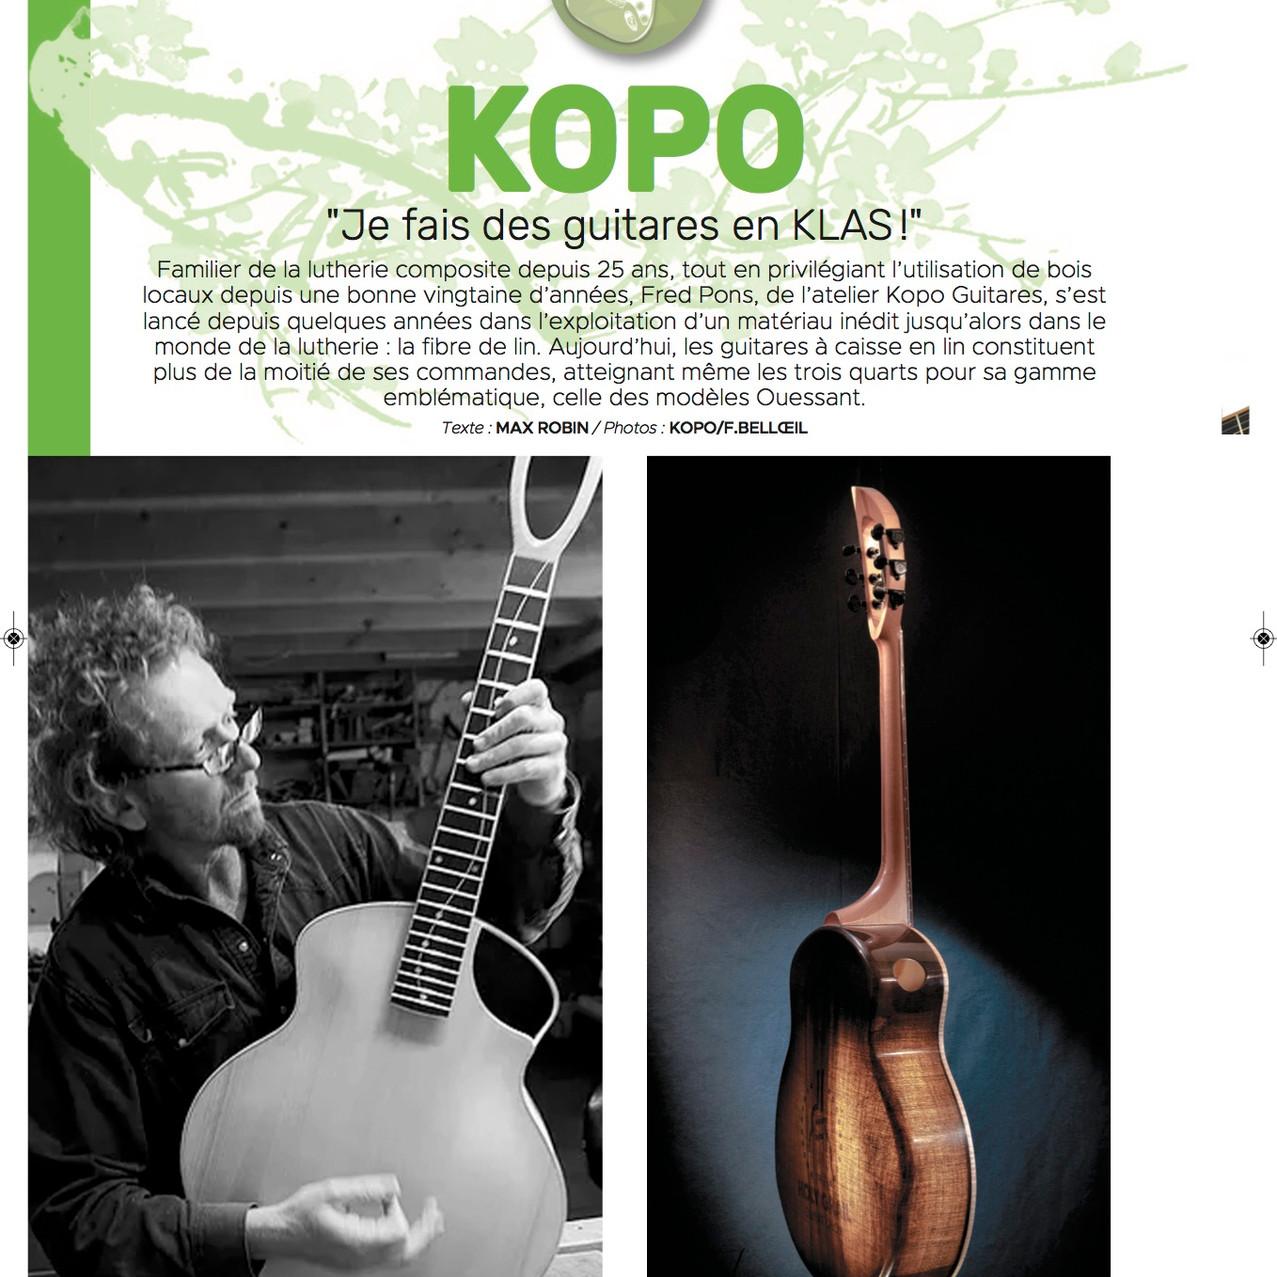 Article-Kopo-Klas-Guitarmag-P1